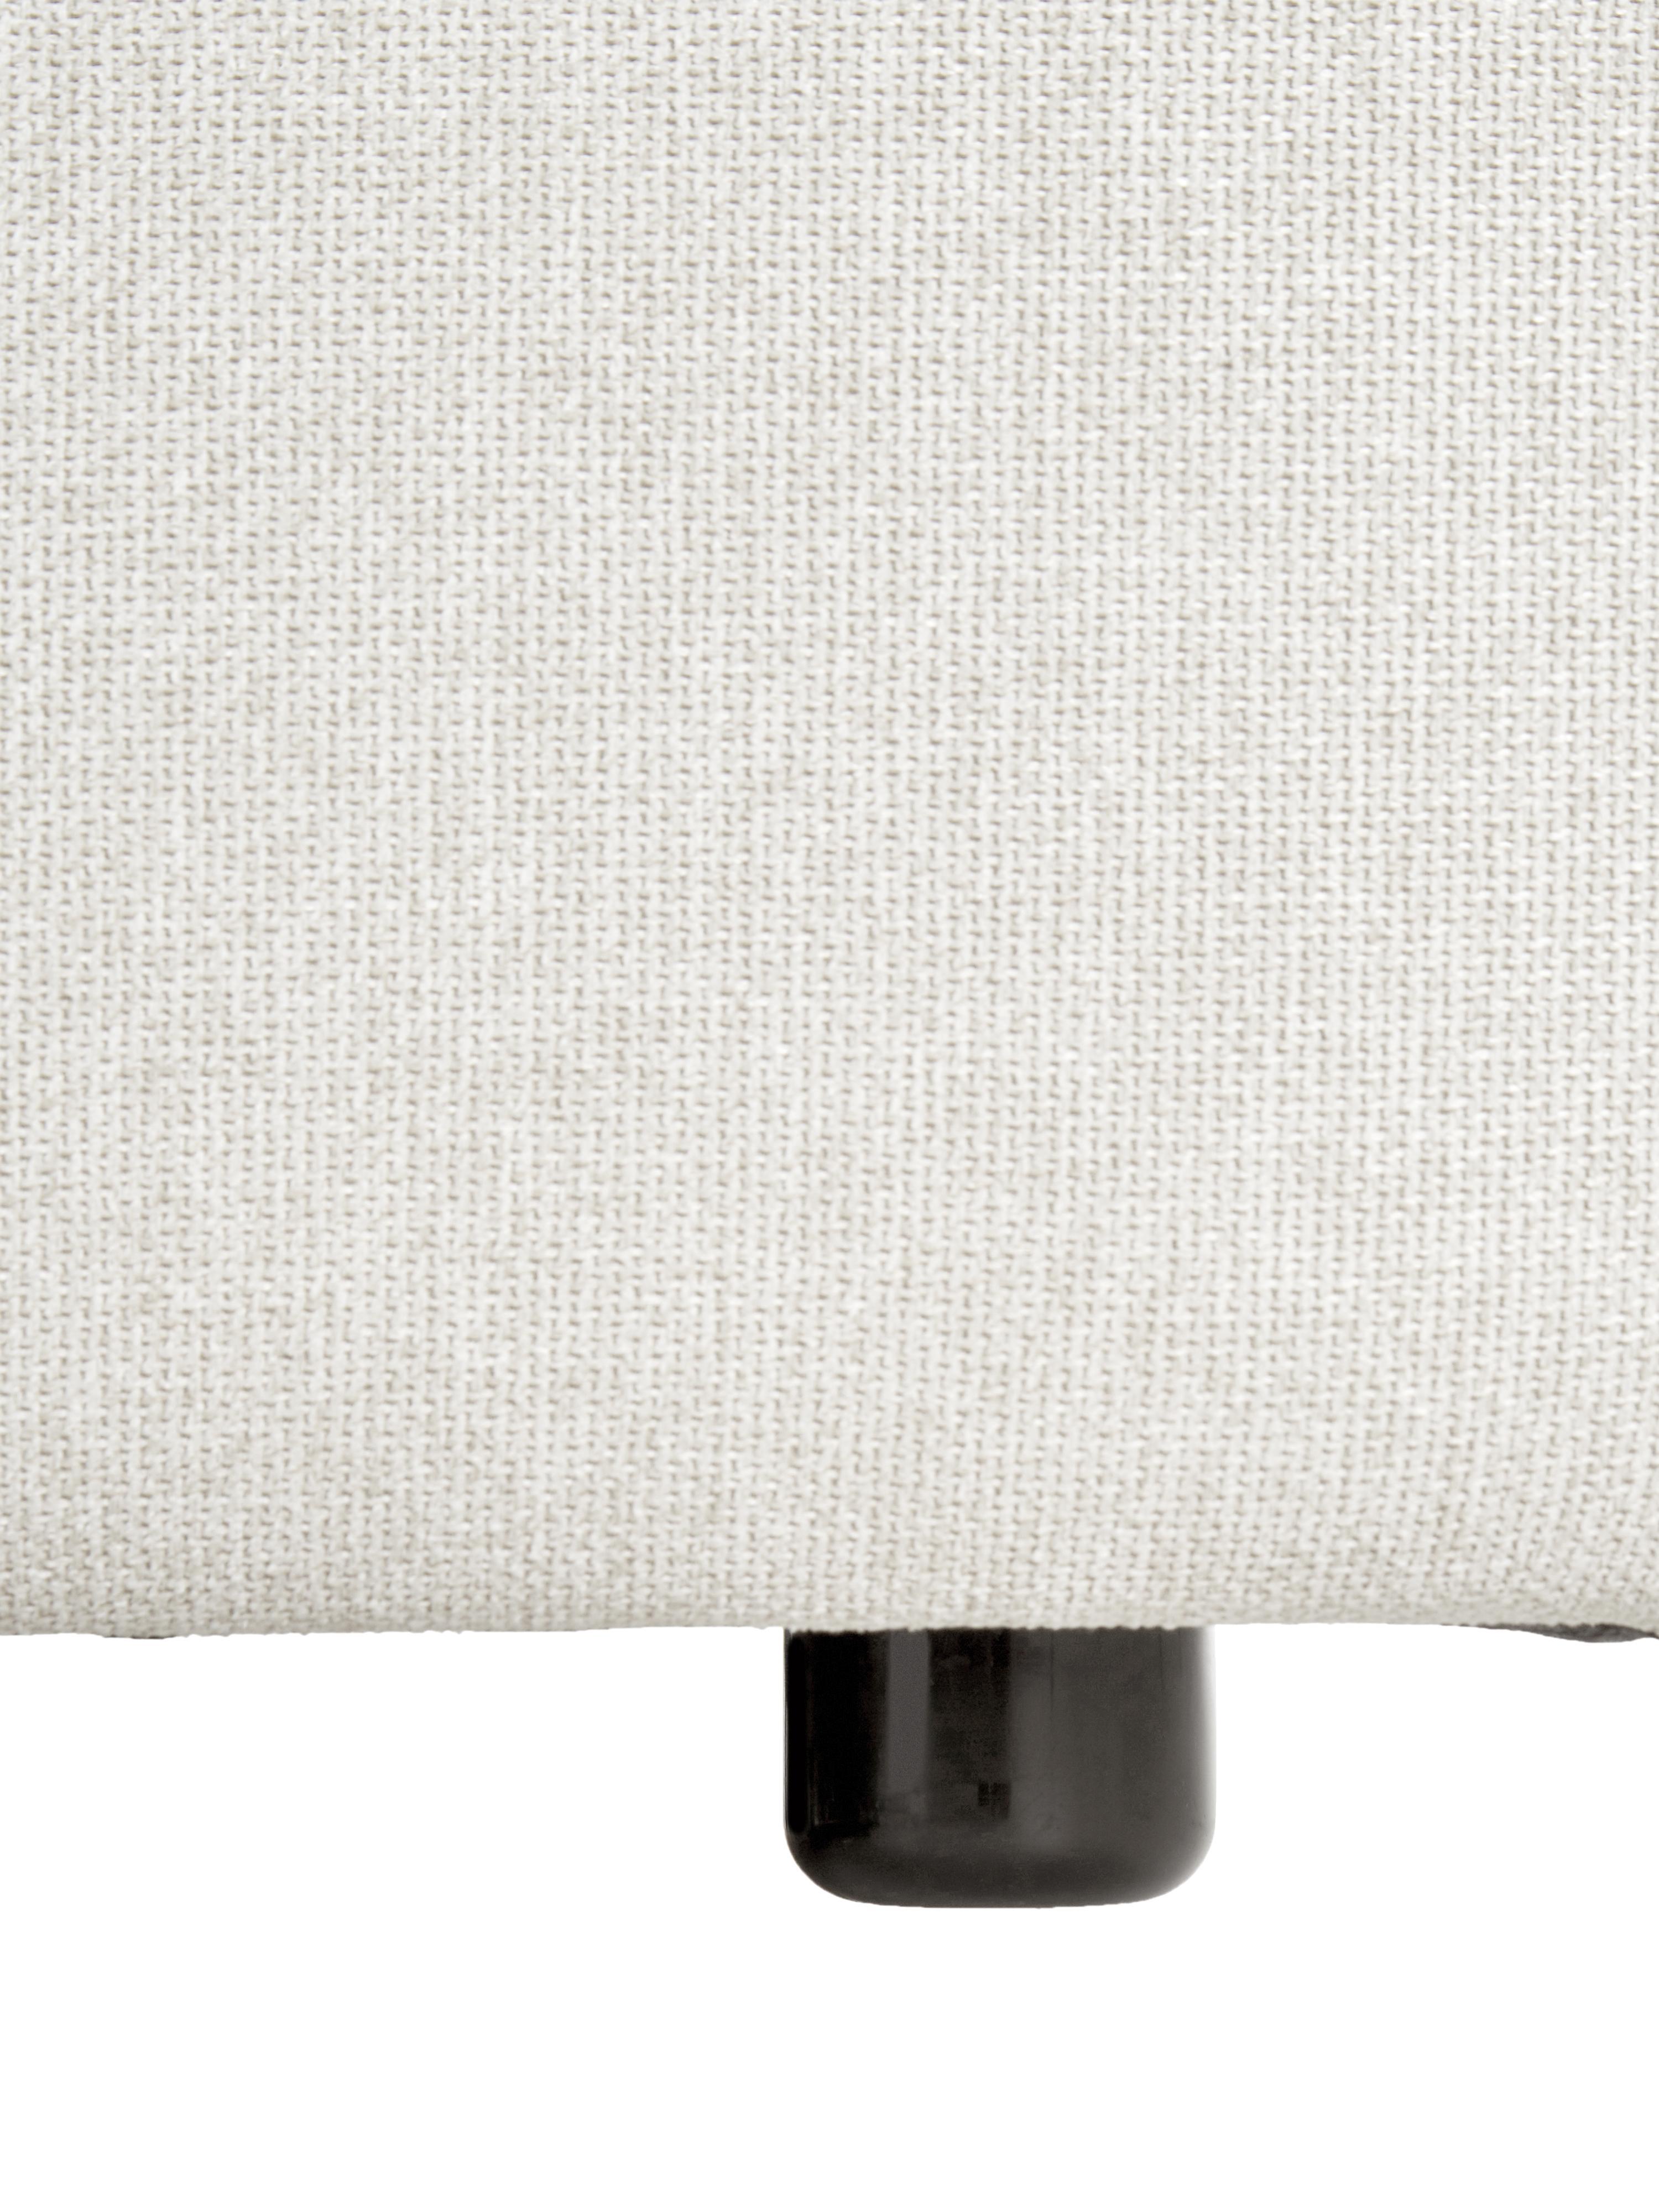 Divano angolare componibile in tessuto beige Lennon, Rivestimento: poliestere 35.000 cicli d, Struttura: pino massiccio, compensat, Piedini: materiale sintetico, Tessuto beige, Larg. 238 x Prof. 180 cm